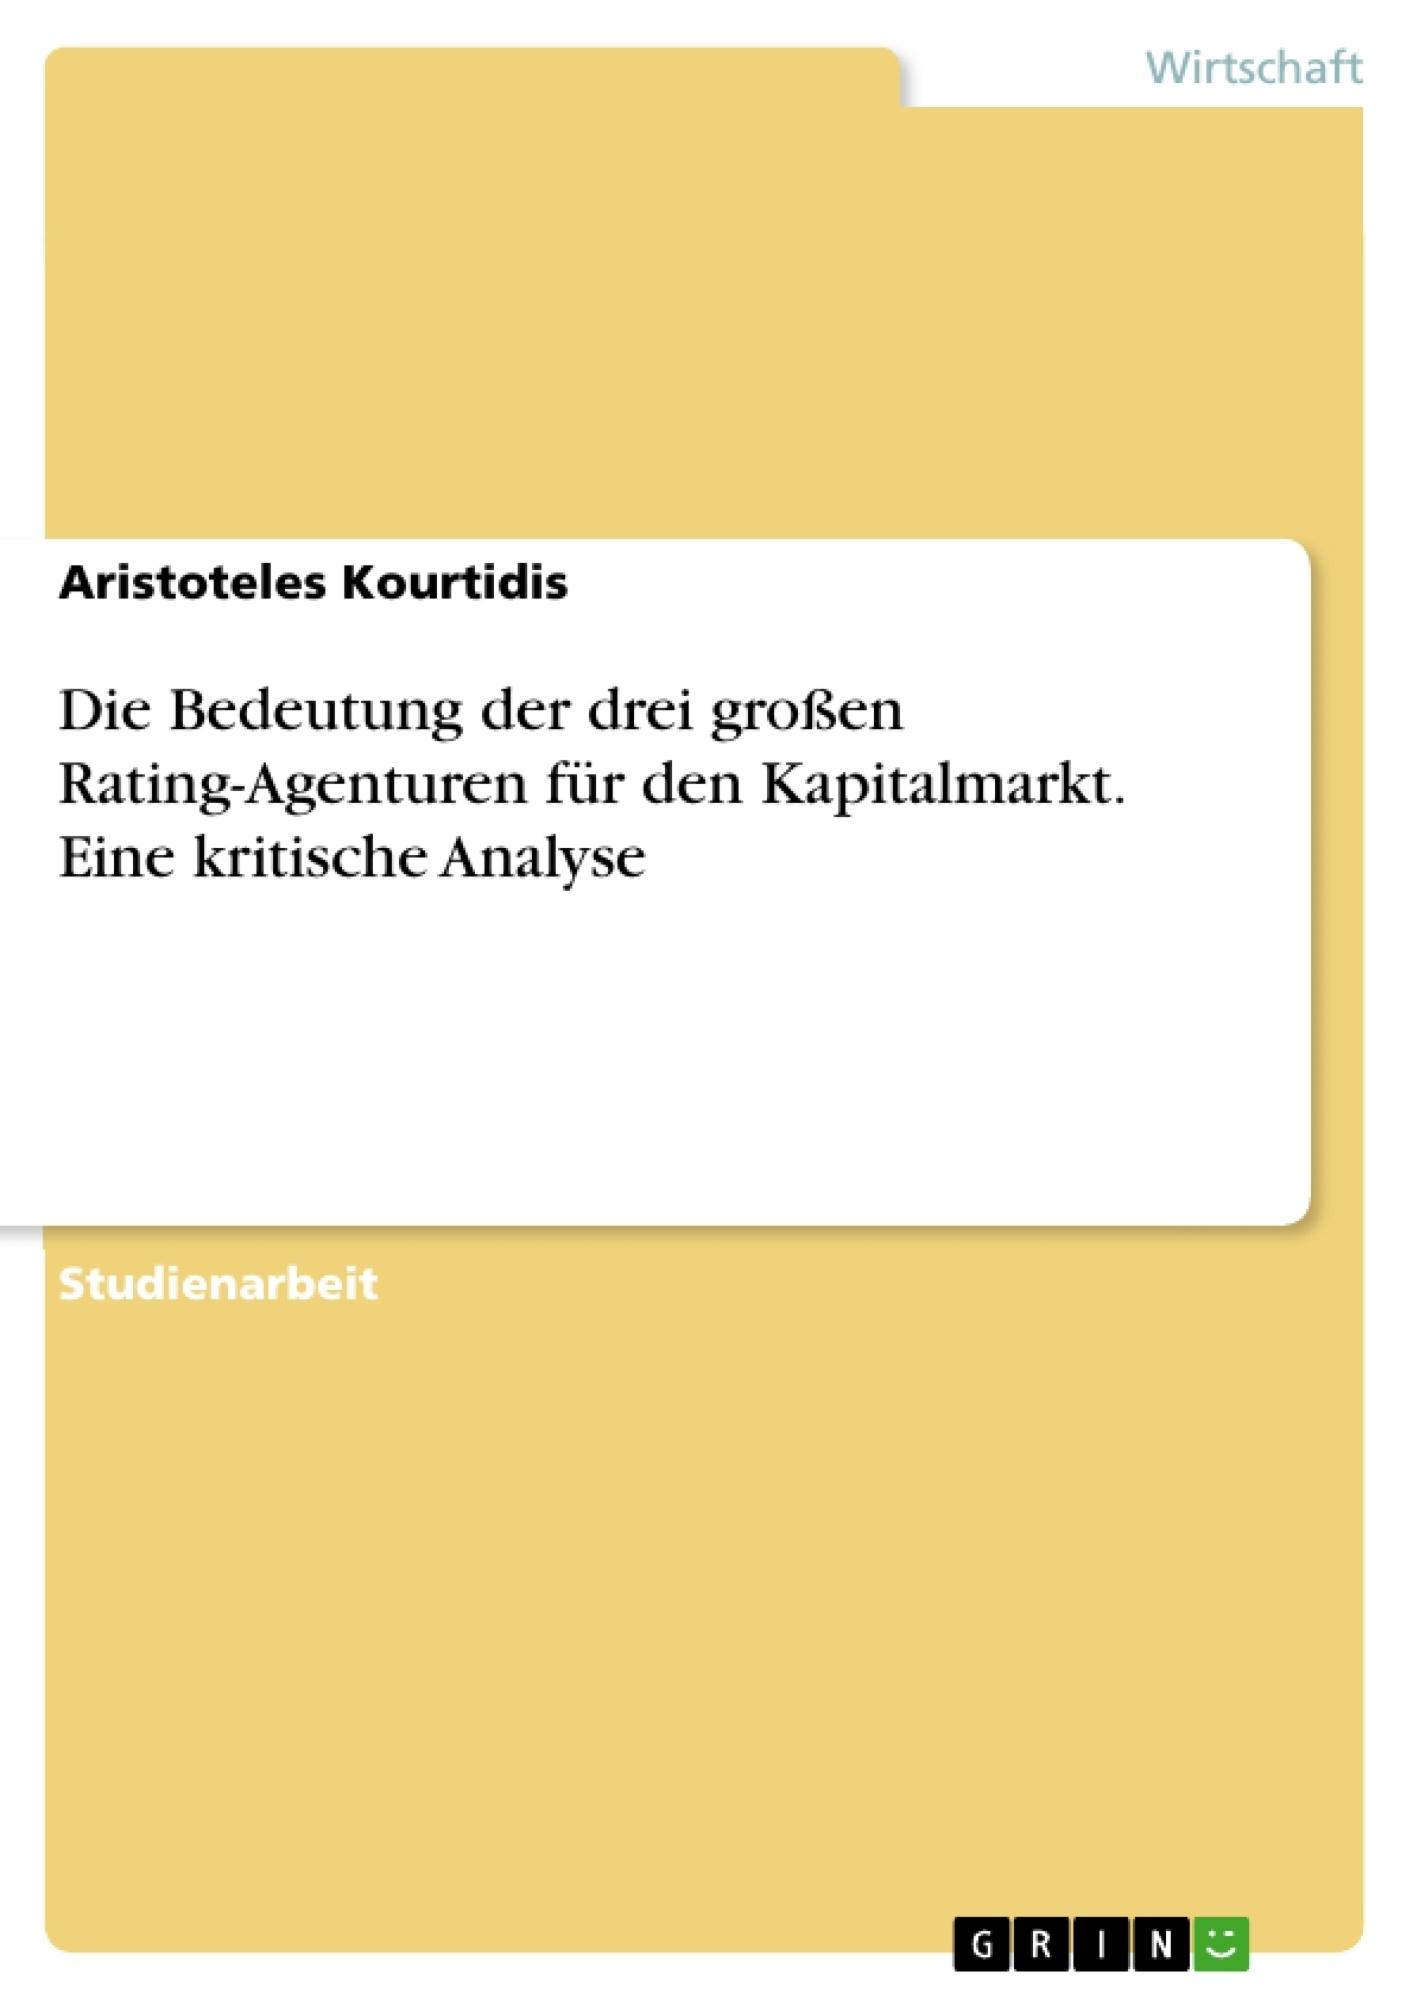 Titel: Die Bedeutung der drei großen Rating-Agenturen für den Kapitalmarkt. Eine kritische Analyse